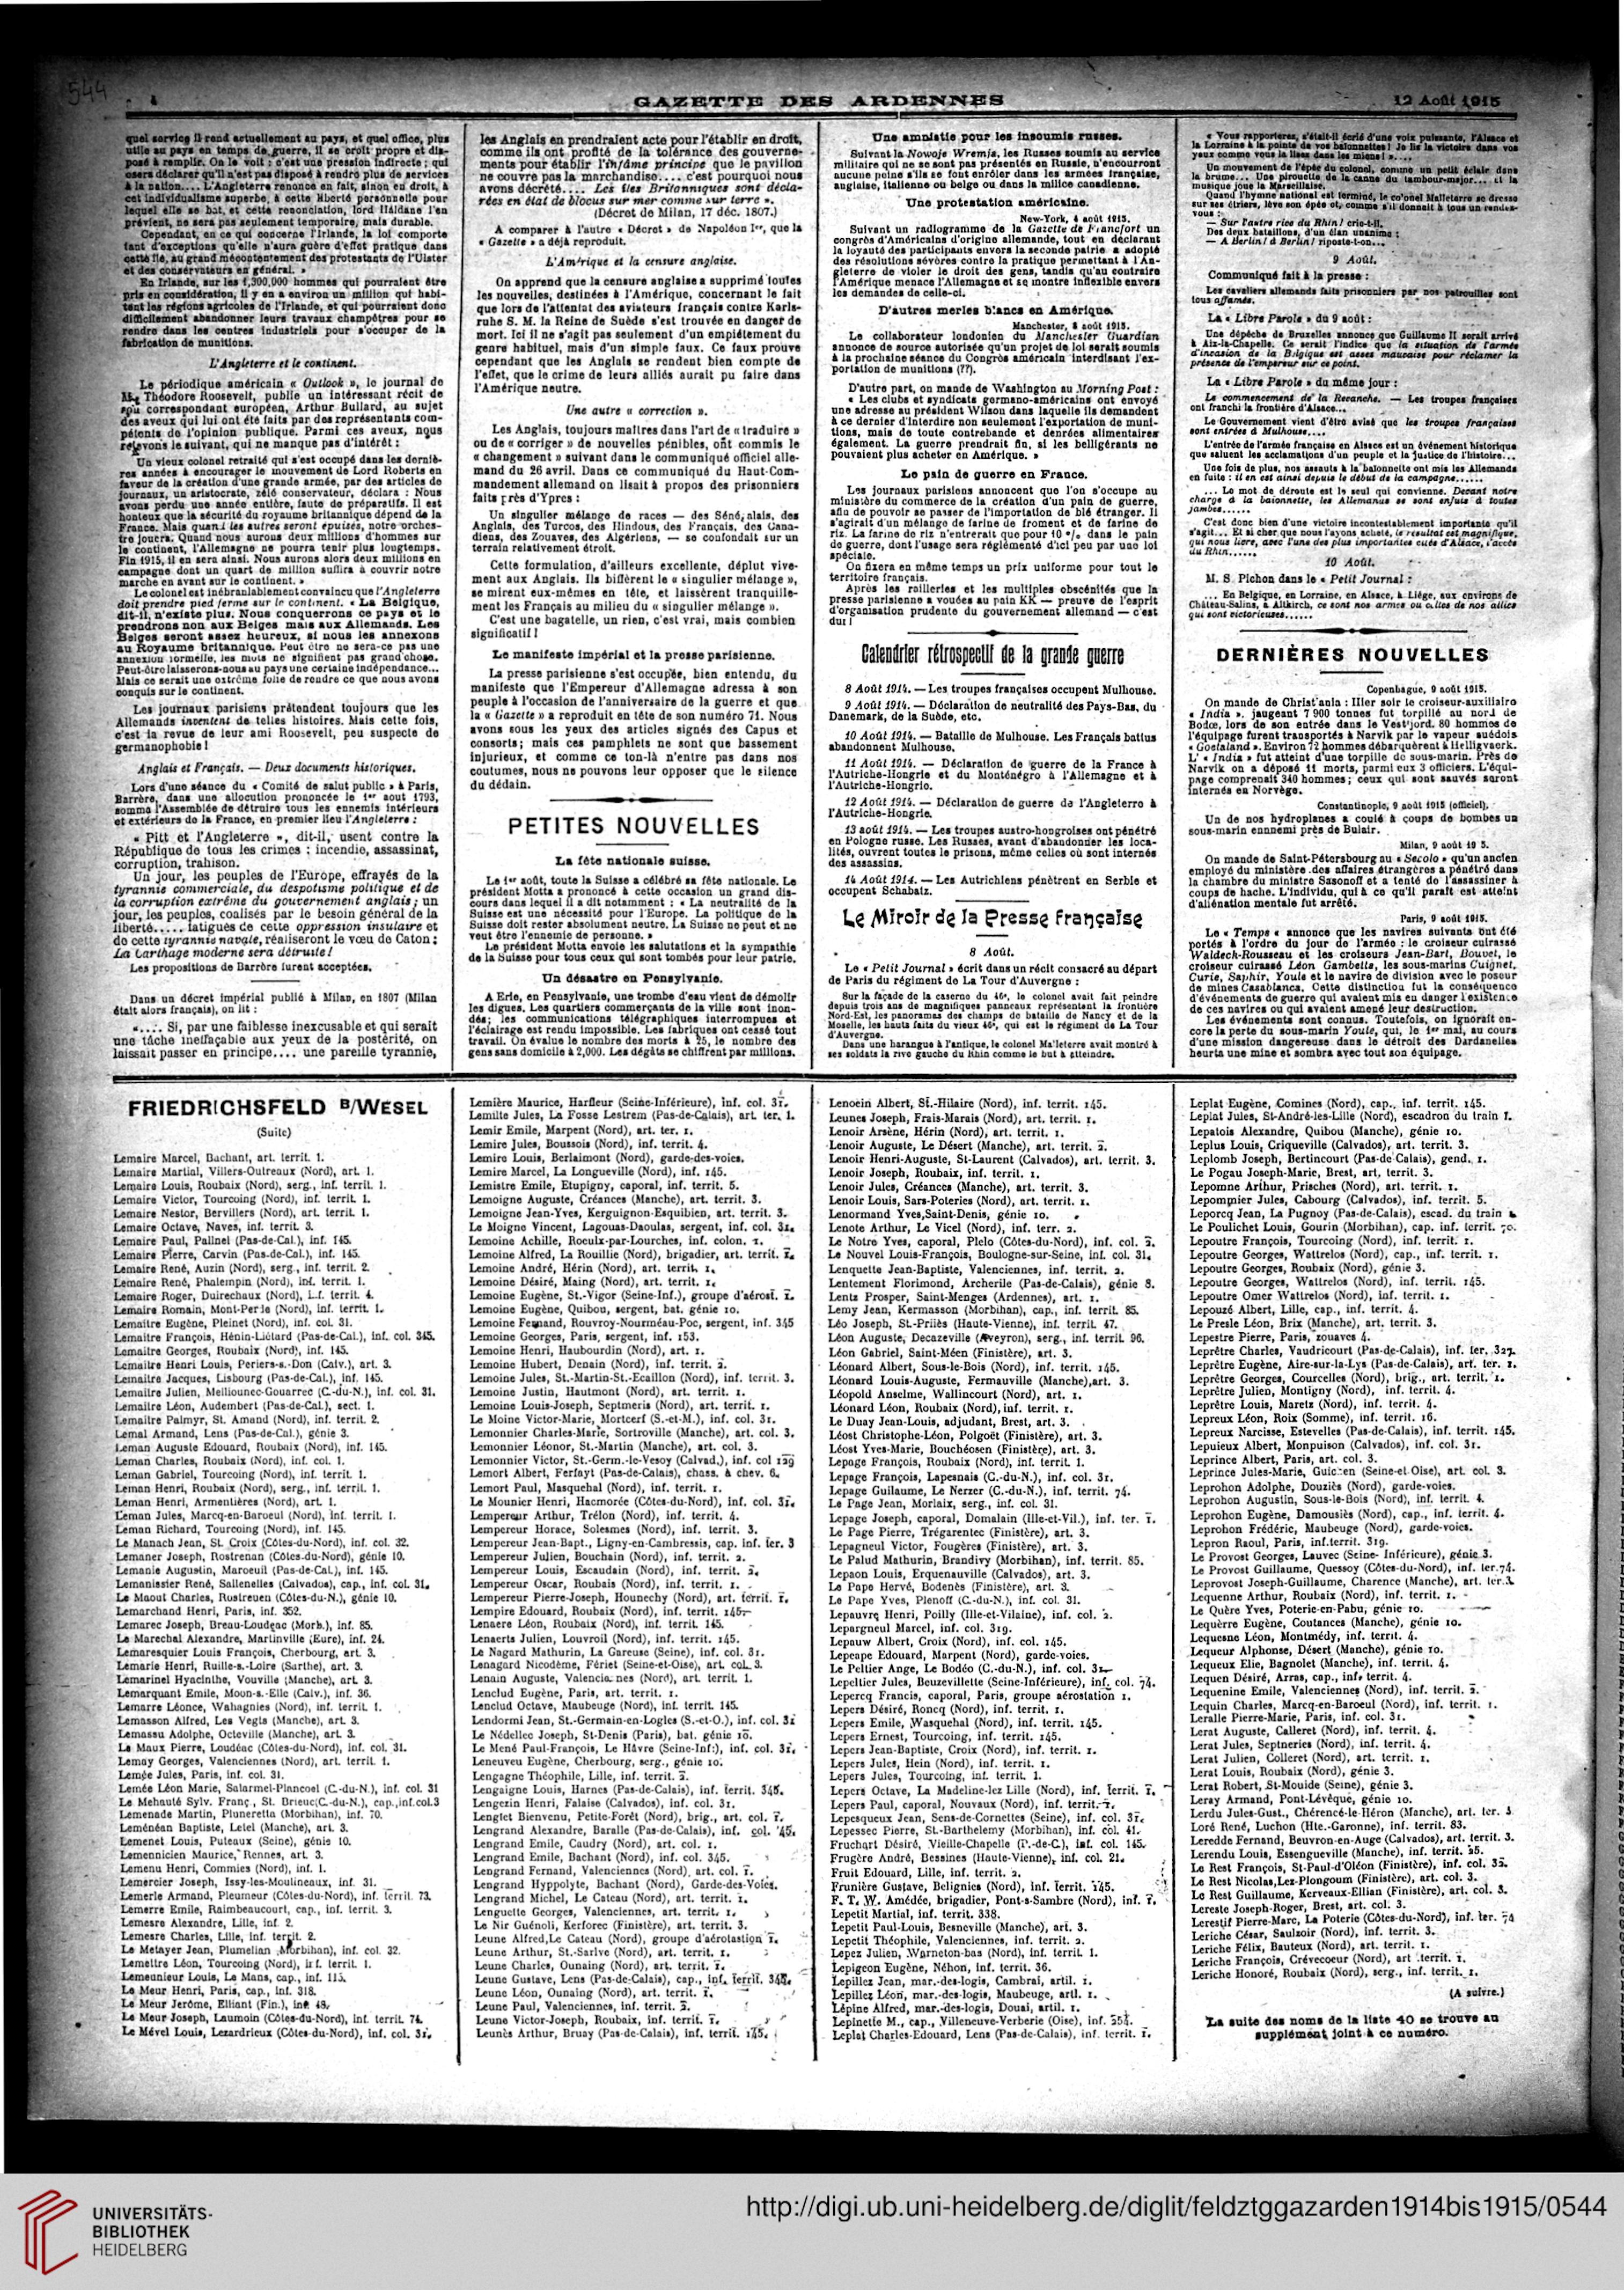 Gazette Des Ardennes Journal Pays Occupes November 1914